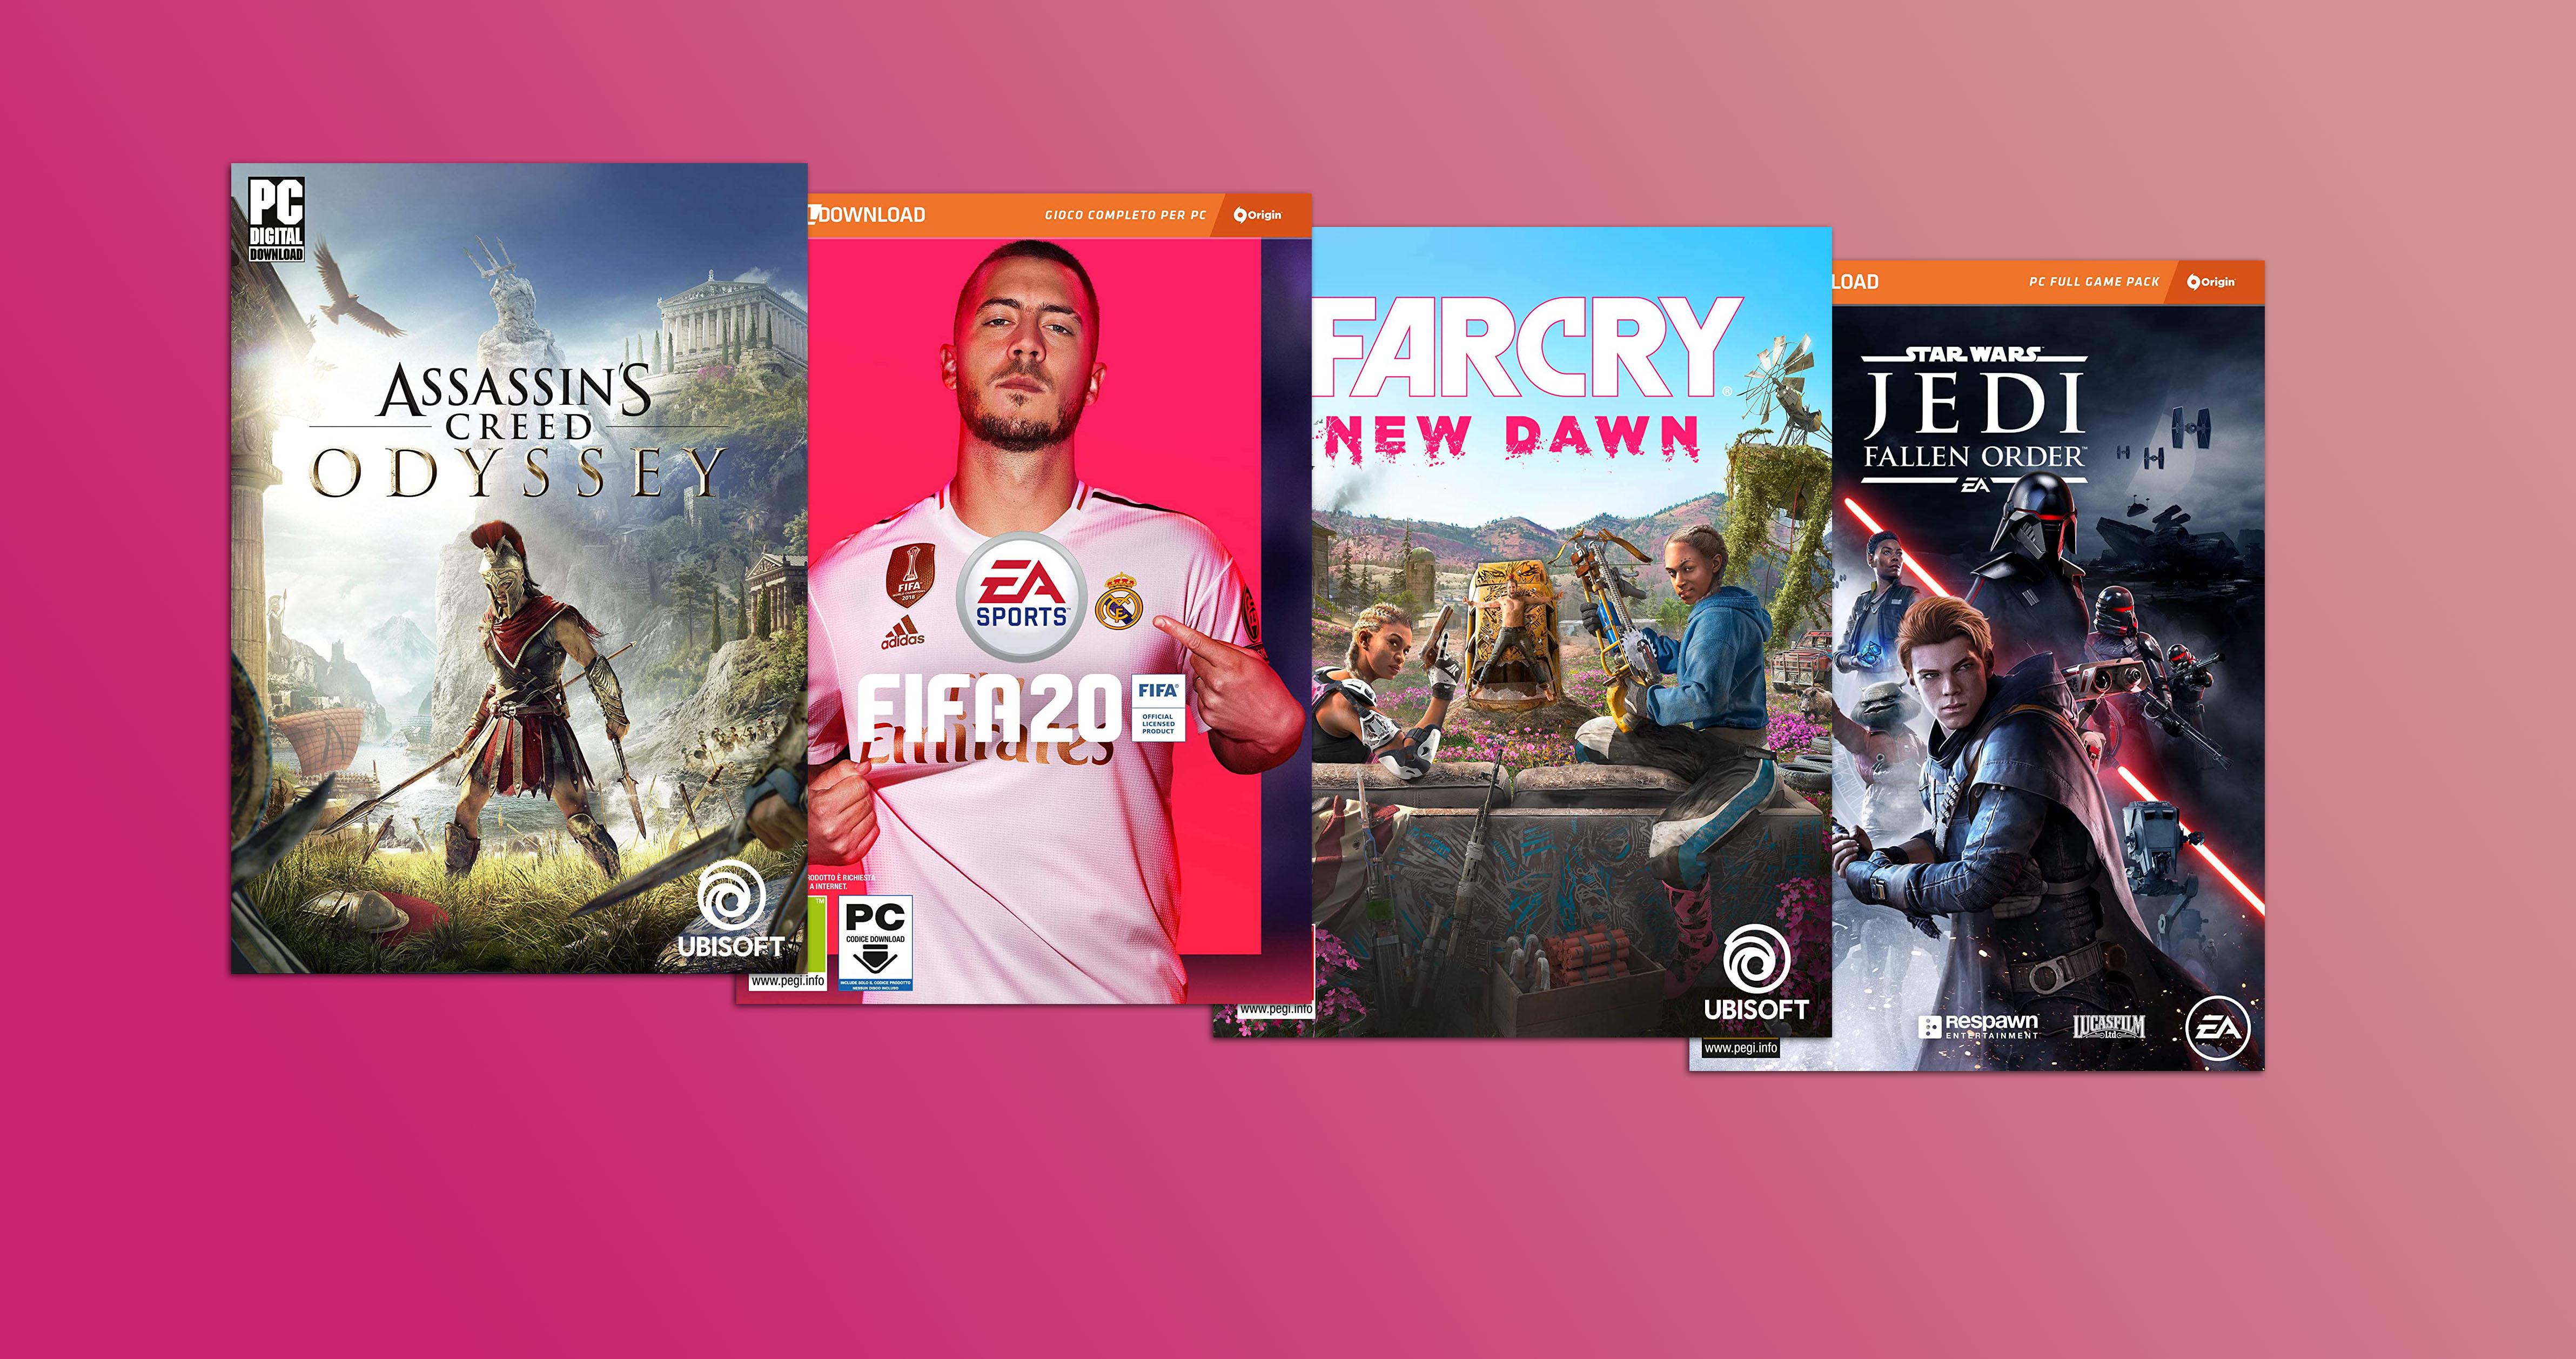 Sconti pazzeschi per Assassin's Creed, Far Cry, FIFA 20 e tanti altri giochi PC in versione digitale - image  on https://www.zxbyte.com